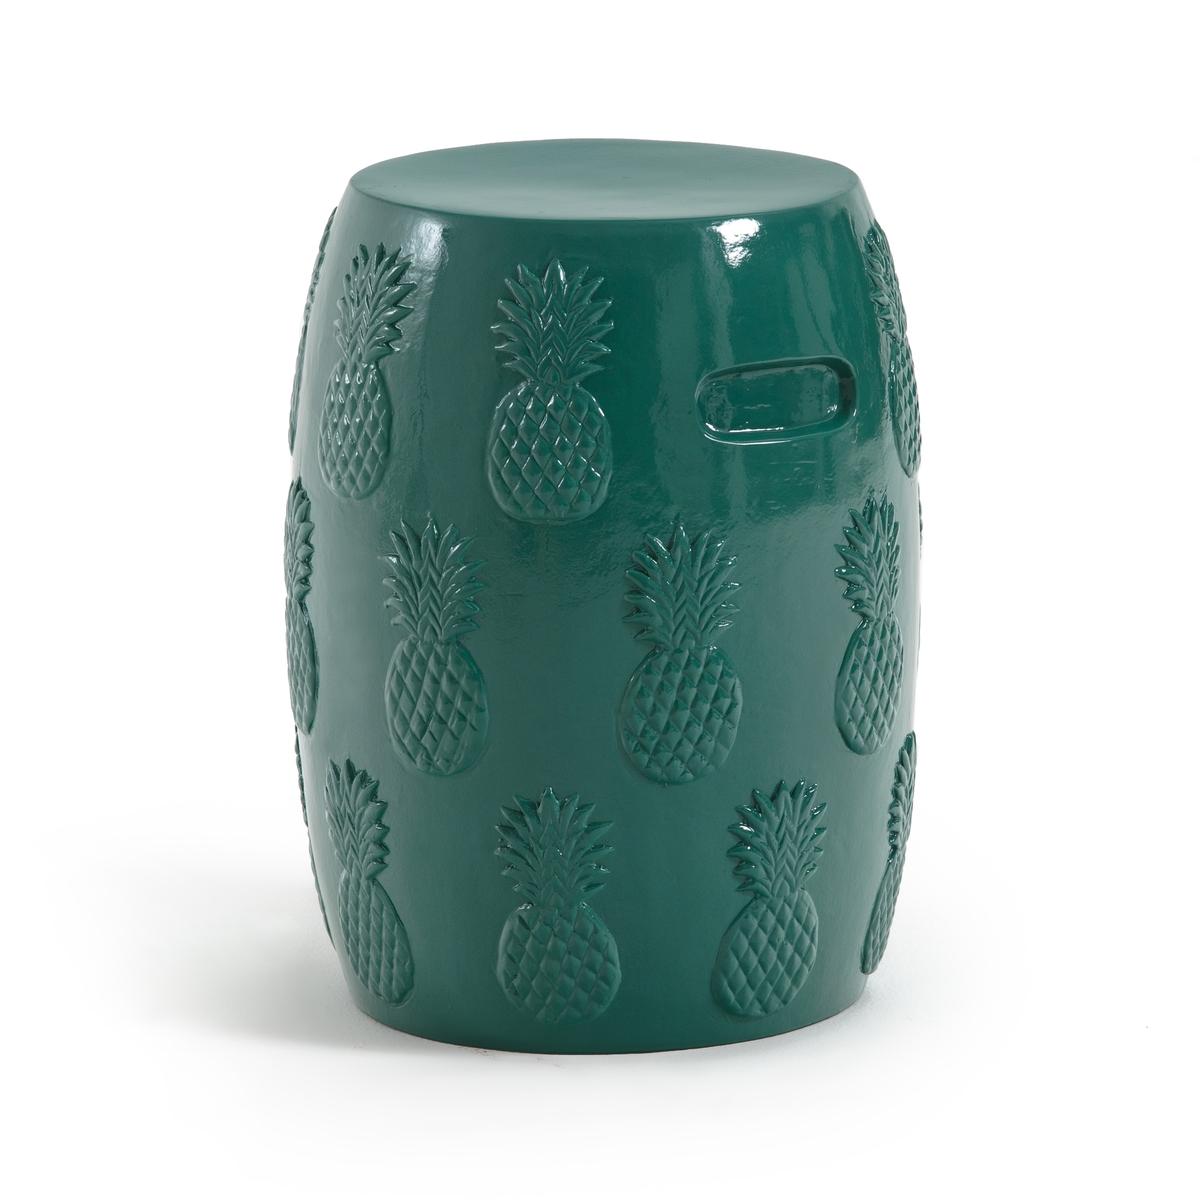 Табурет для сада из керамики NILELASS высококачественные пользовательские 3d обои для обоев для спальни 3d ландшафт для сада и сада